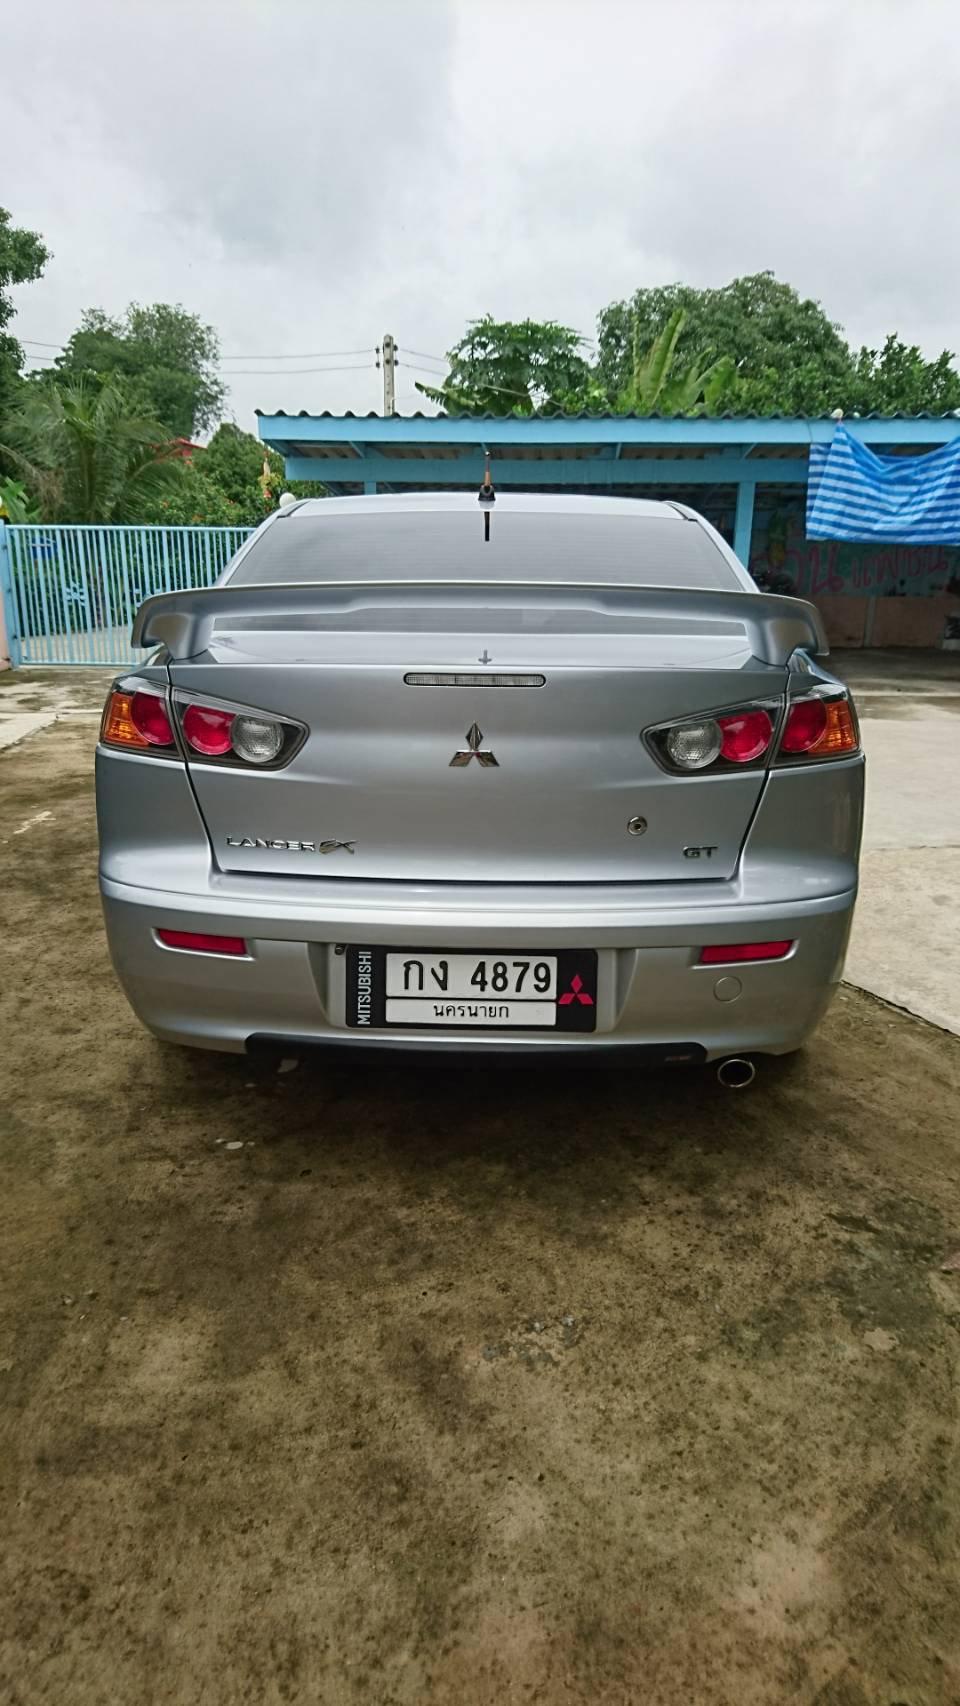 ขายรถยนต์  Mitsubishi Lancer จ.นครนายก รูปที่ 2